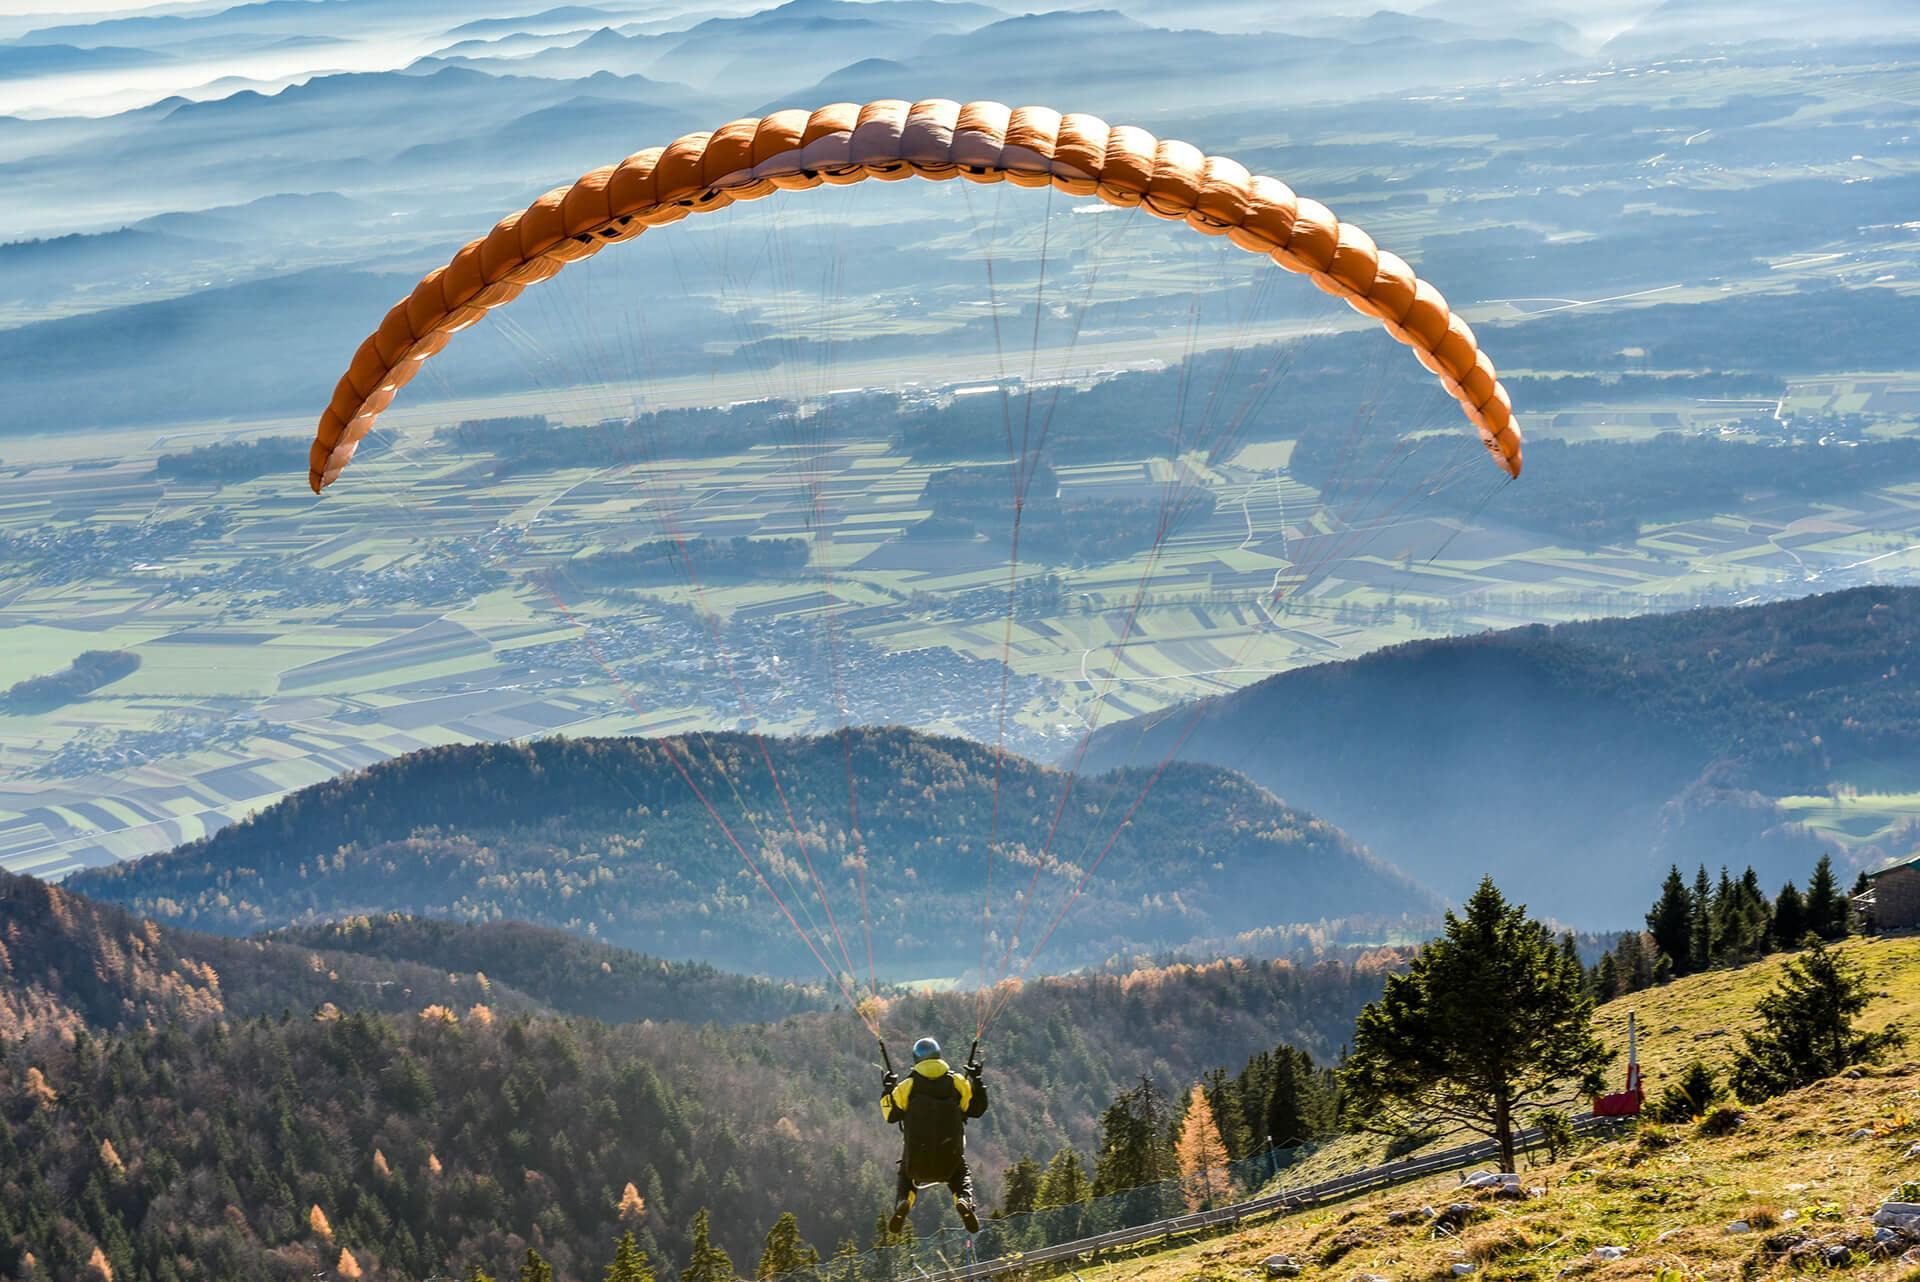 Tandem paragliding in Slovenian Alps